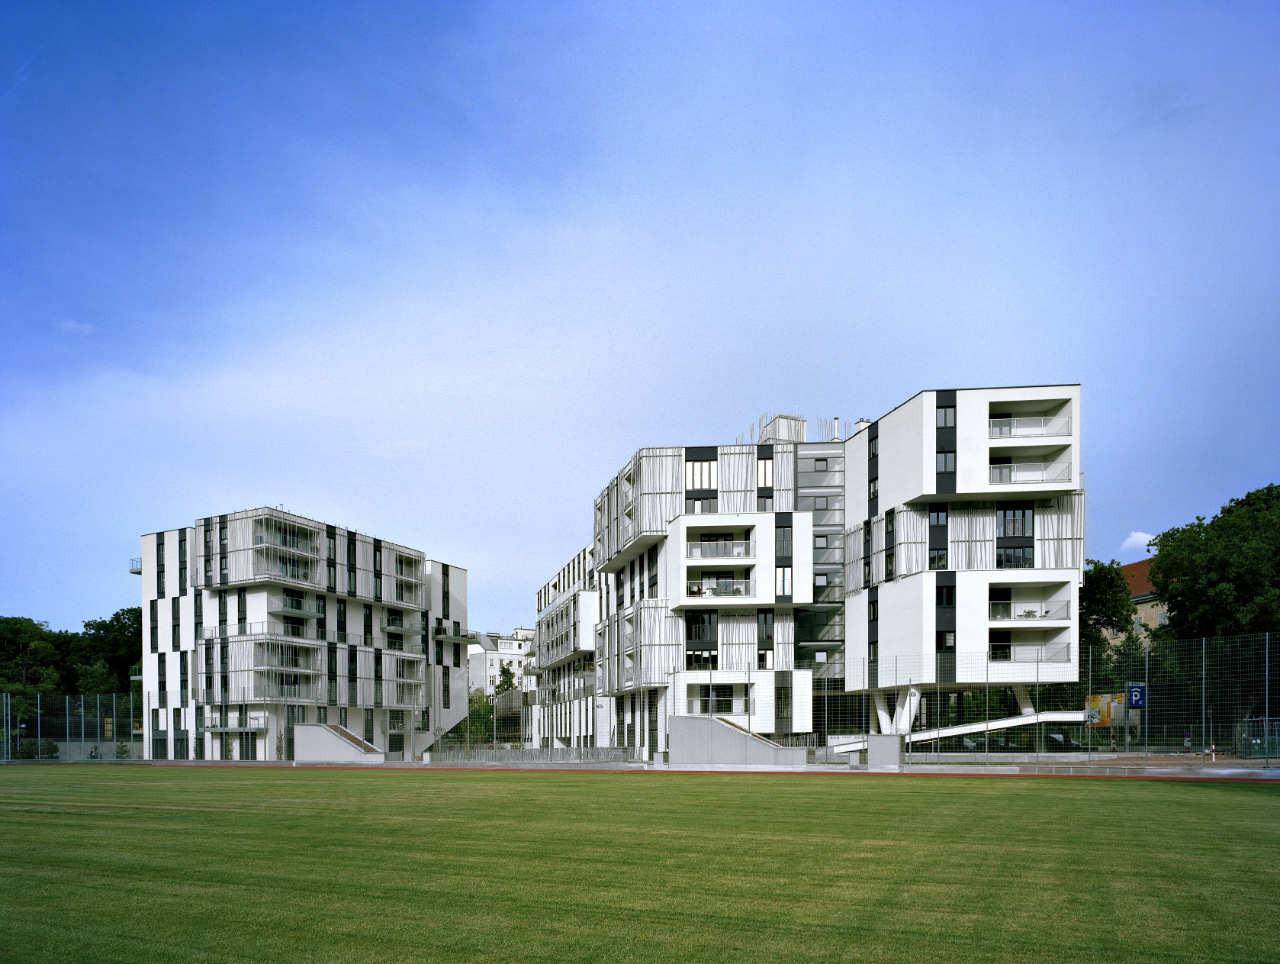 Wohngarten Sensengasse / Josef Weichenberger Architects